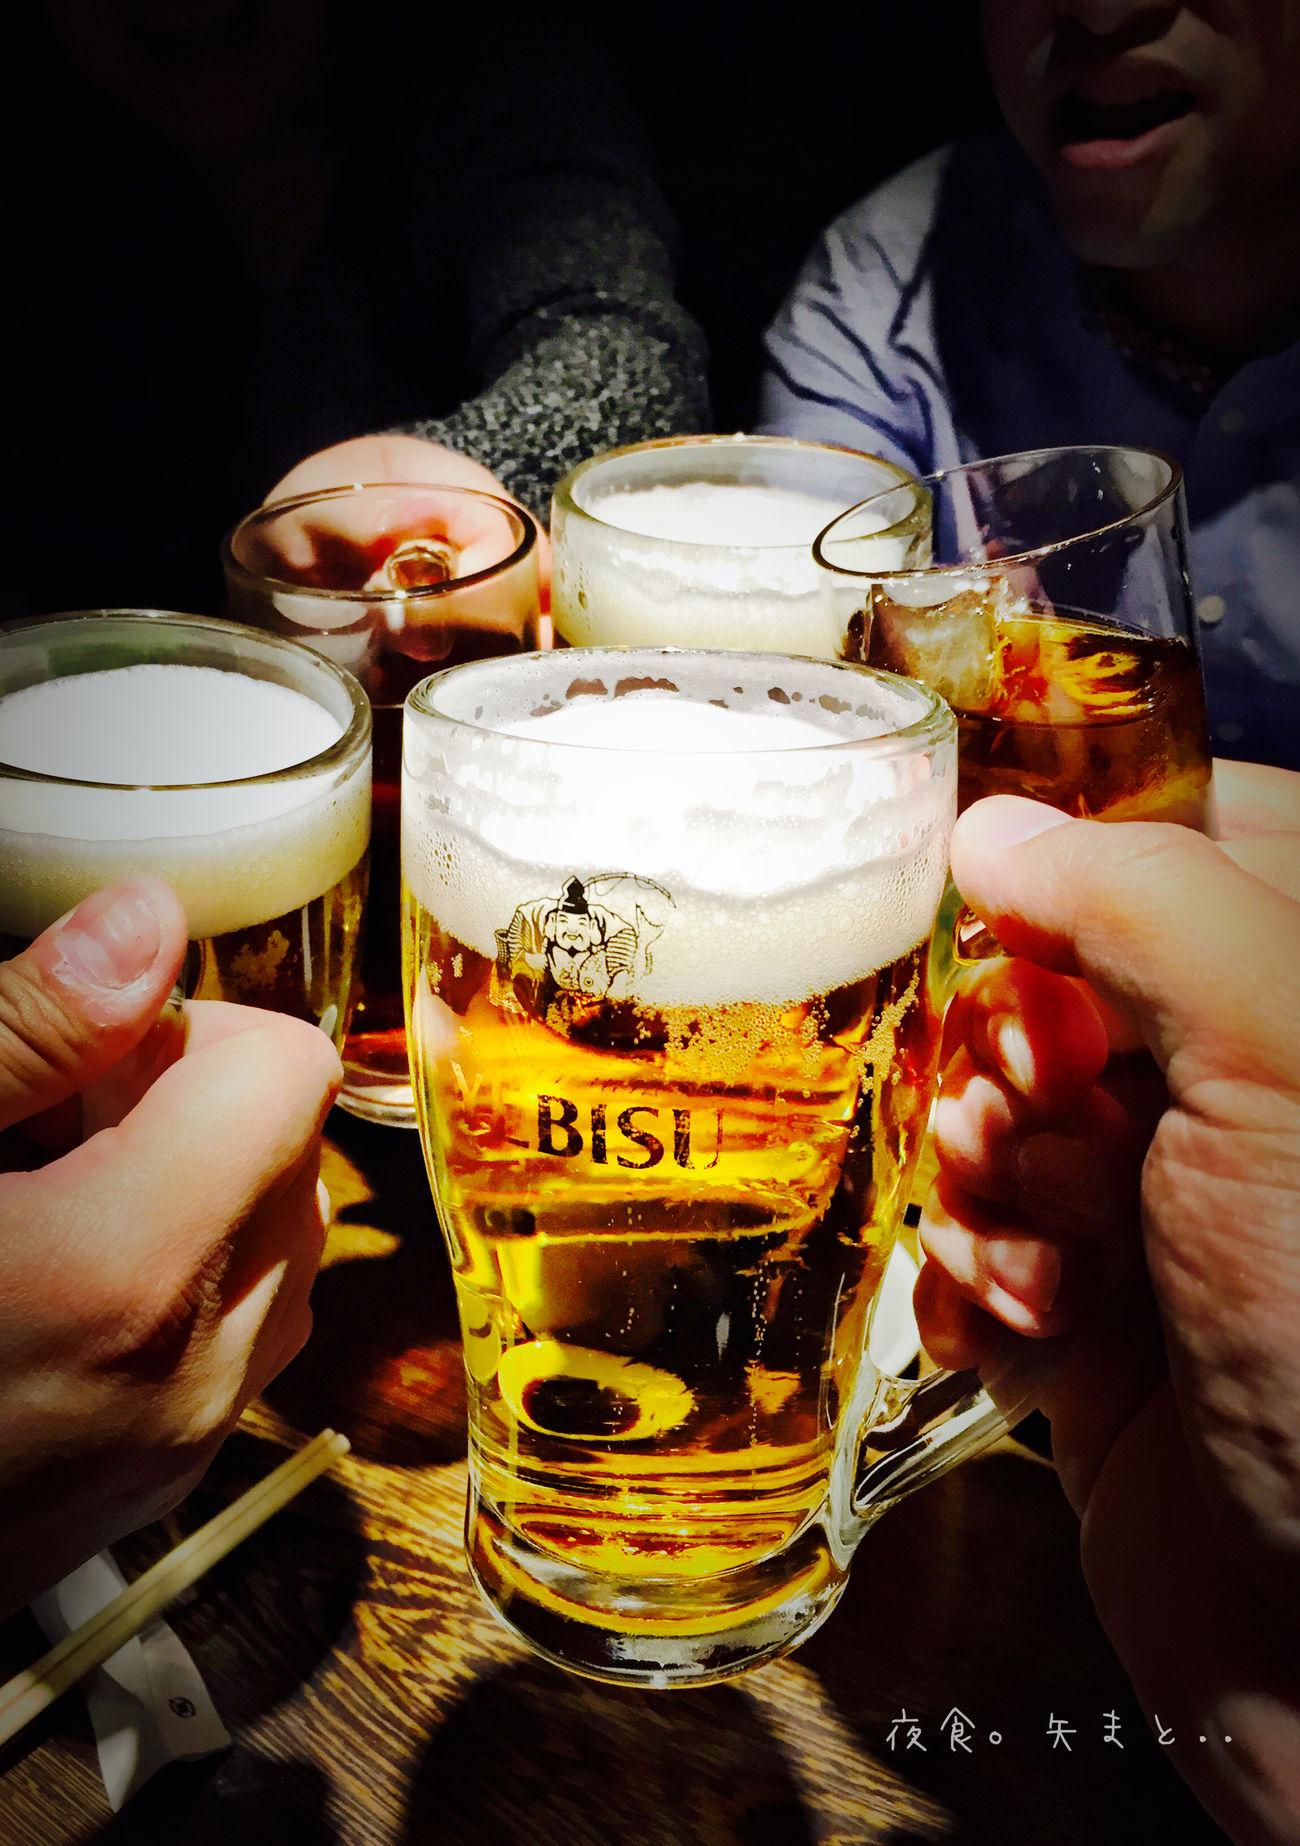 月曜日。晚食,矢まと... 下班吃飯喝酒囉,乾。。腿快斷了!??? Japan Tokyo Dinner Iphone6 Relax Beer YEBISU